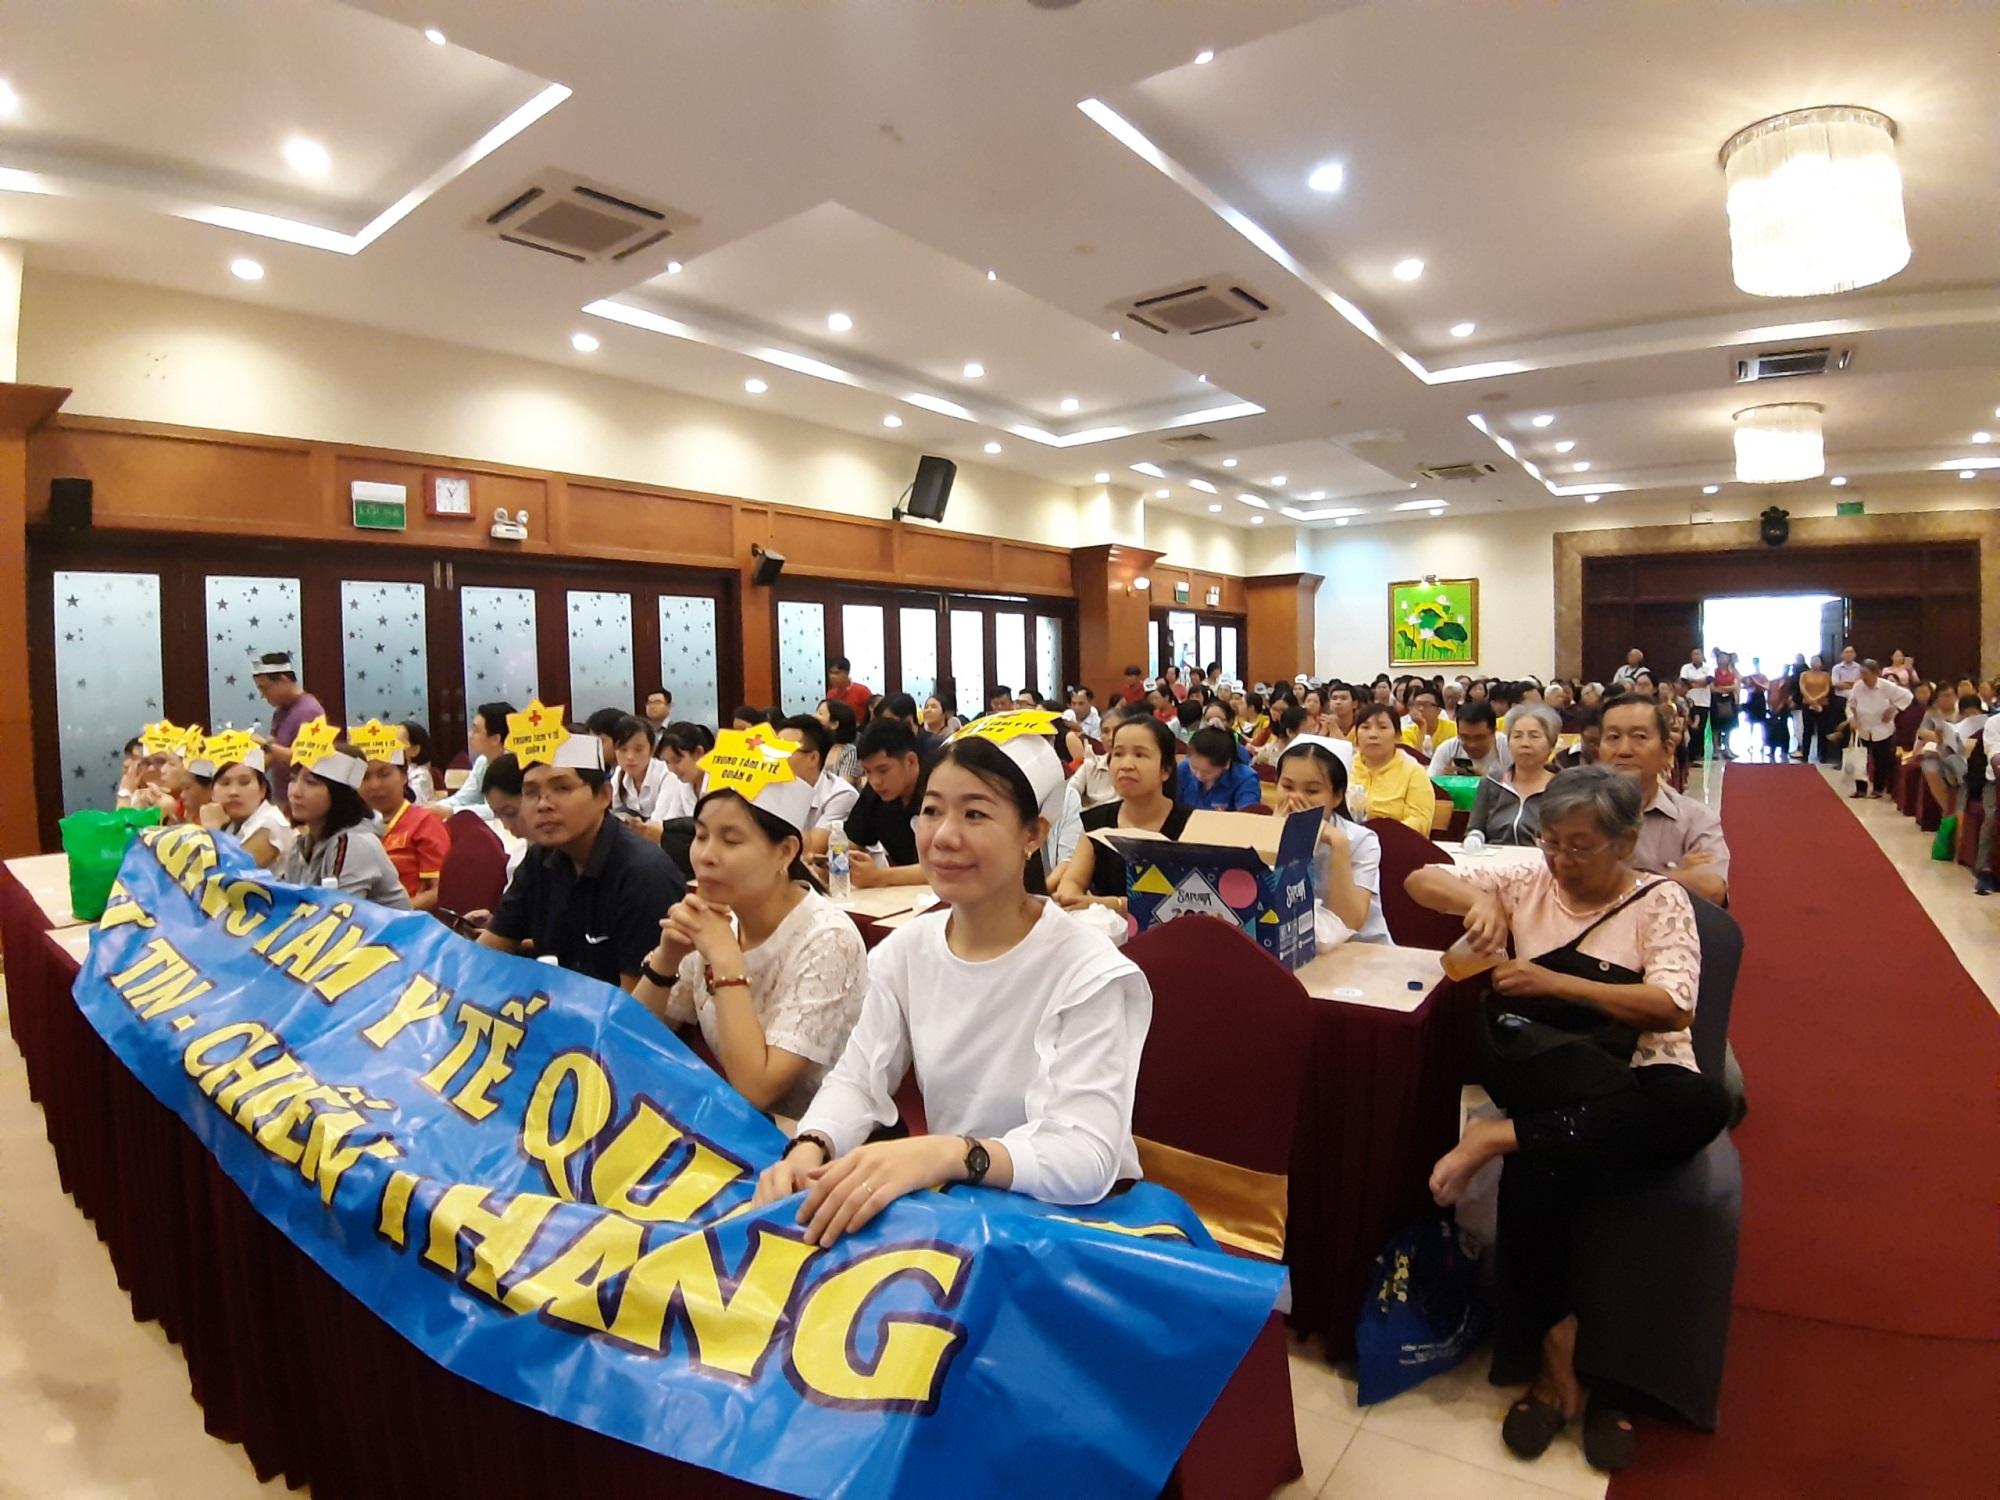 Cán bộ Y tế TP.HCM tham gia hưởng ứng ngày Đái tháo đường thế giới 14/11 - Ảnh 2